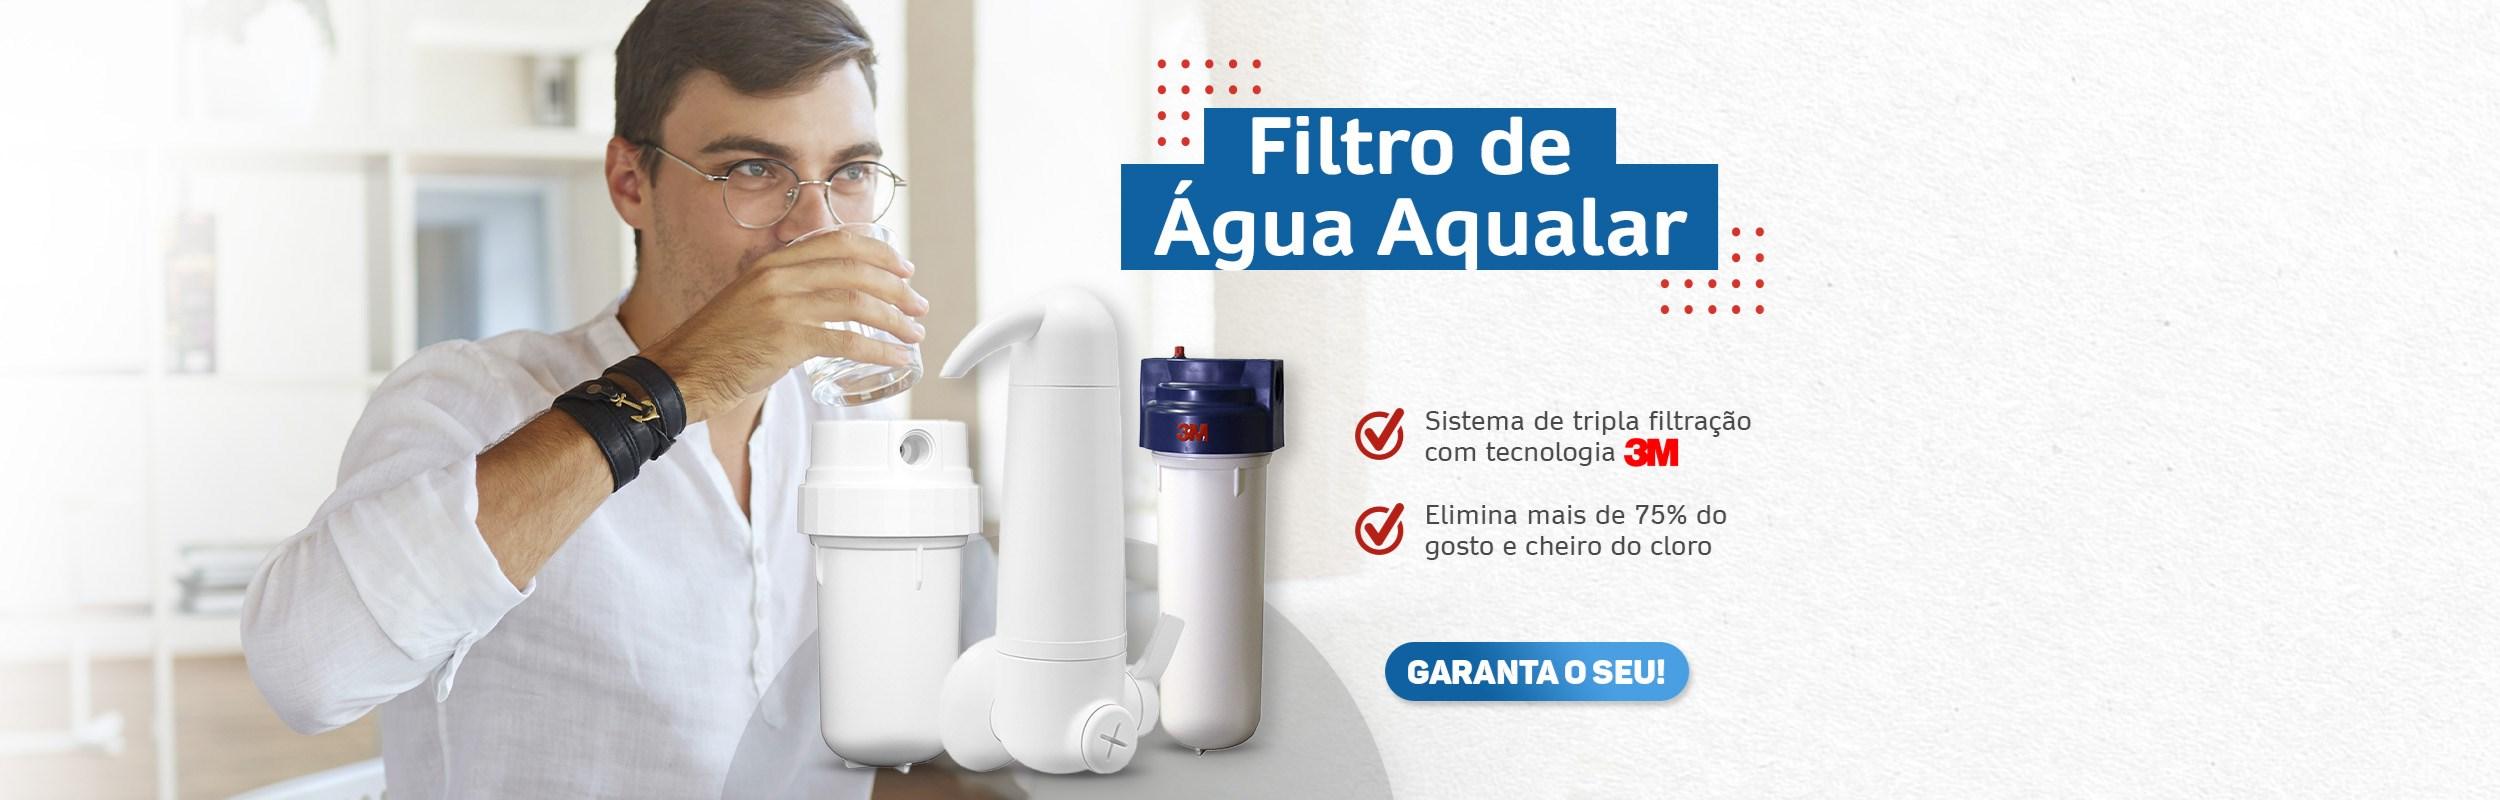 Filtro Aqualar